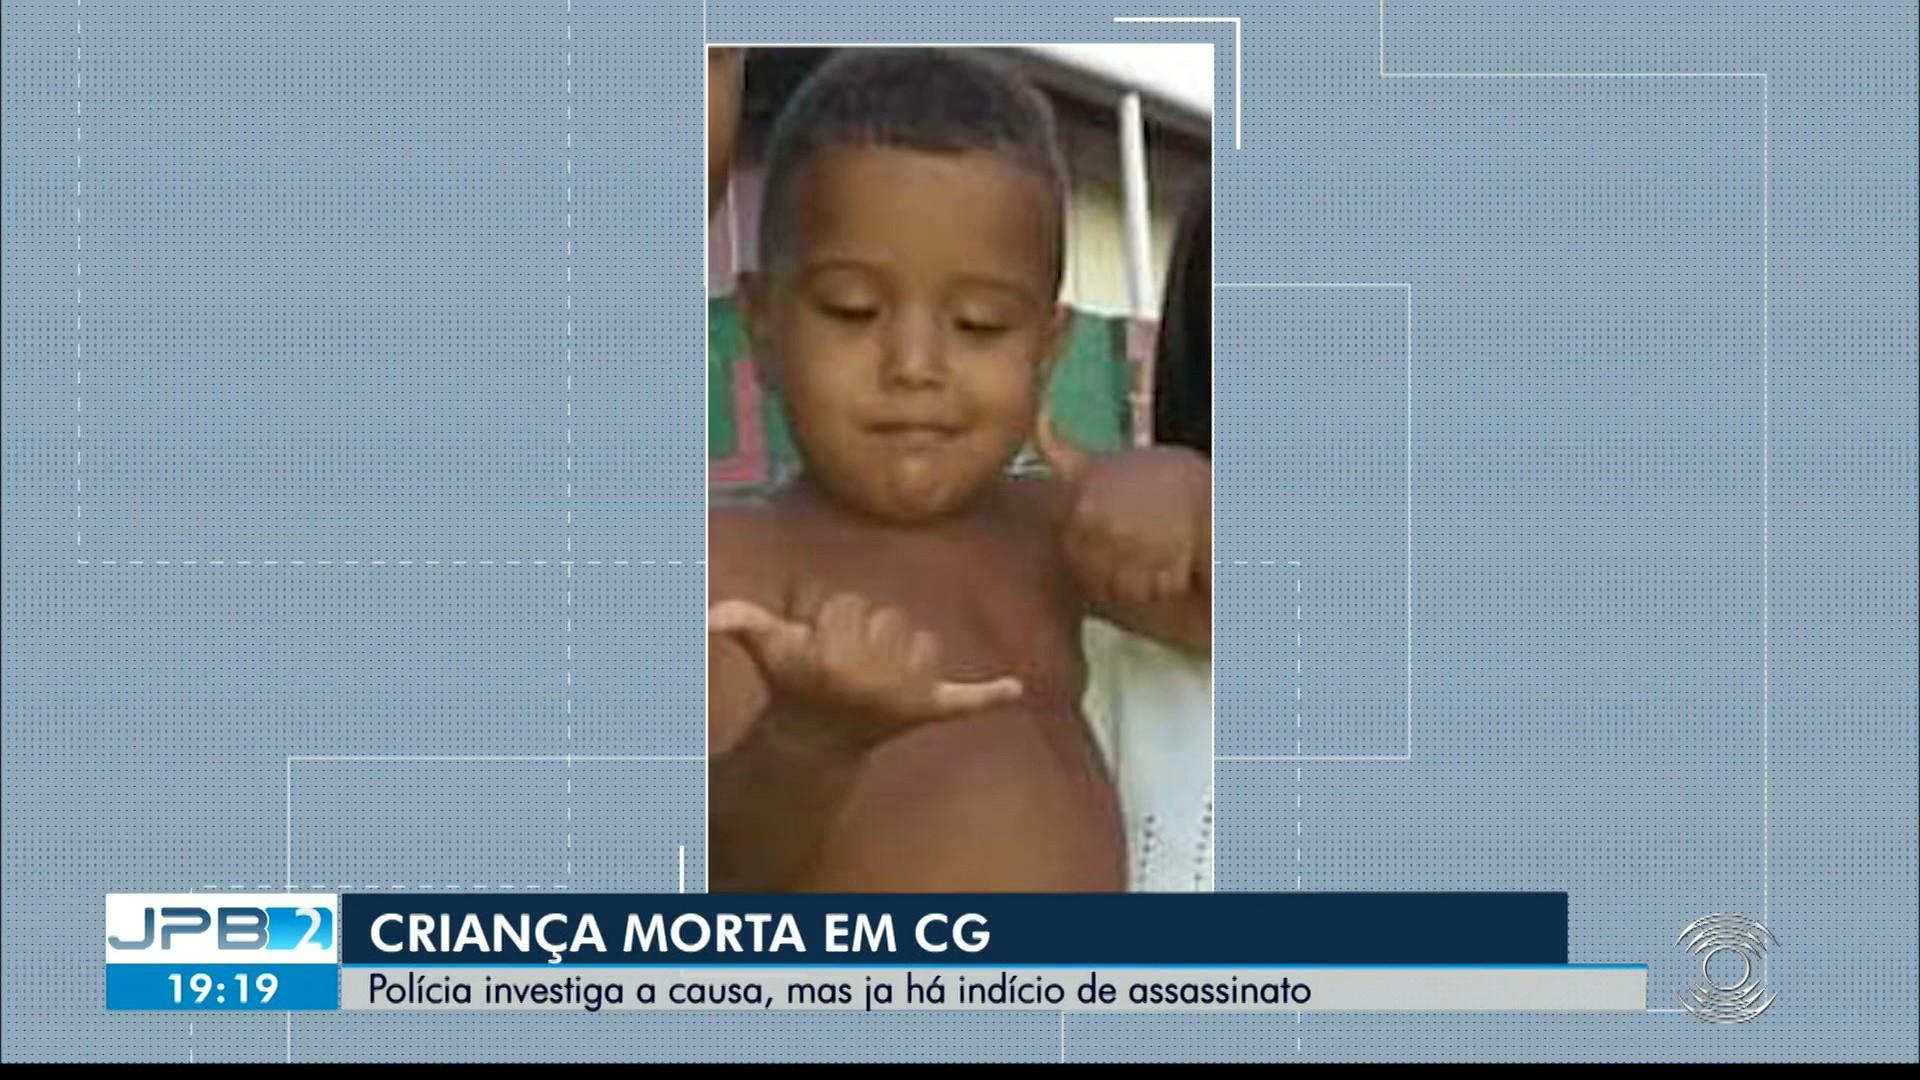 Menino de 4 anos que morreu em Campina Grande após agressões teve fígado rompido, diz perícia